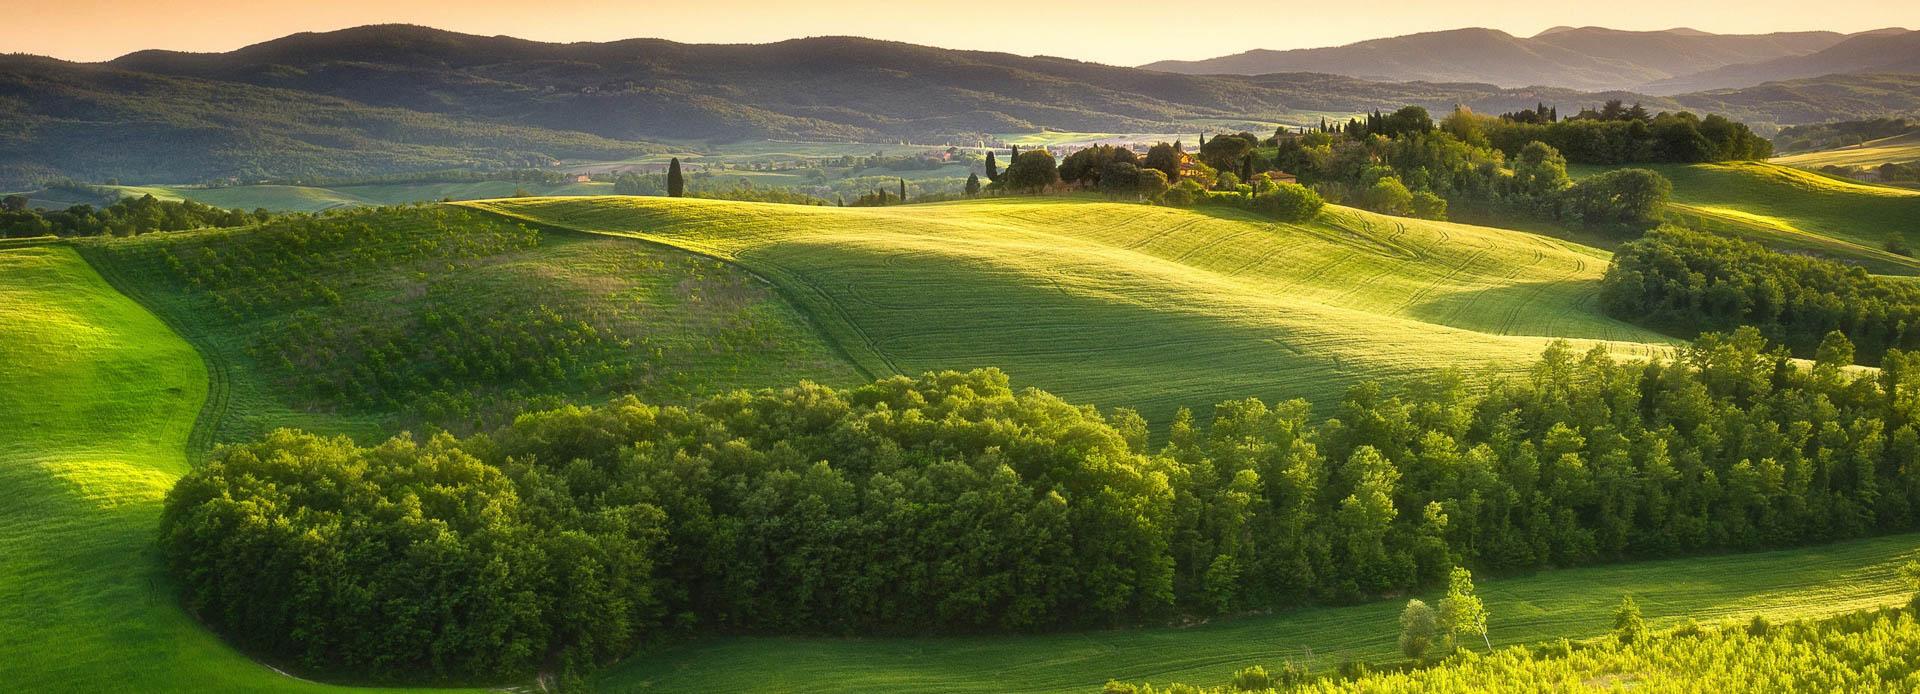 Photo de paysage valloné et verdoyant d'une naturopathe à Bordeaux